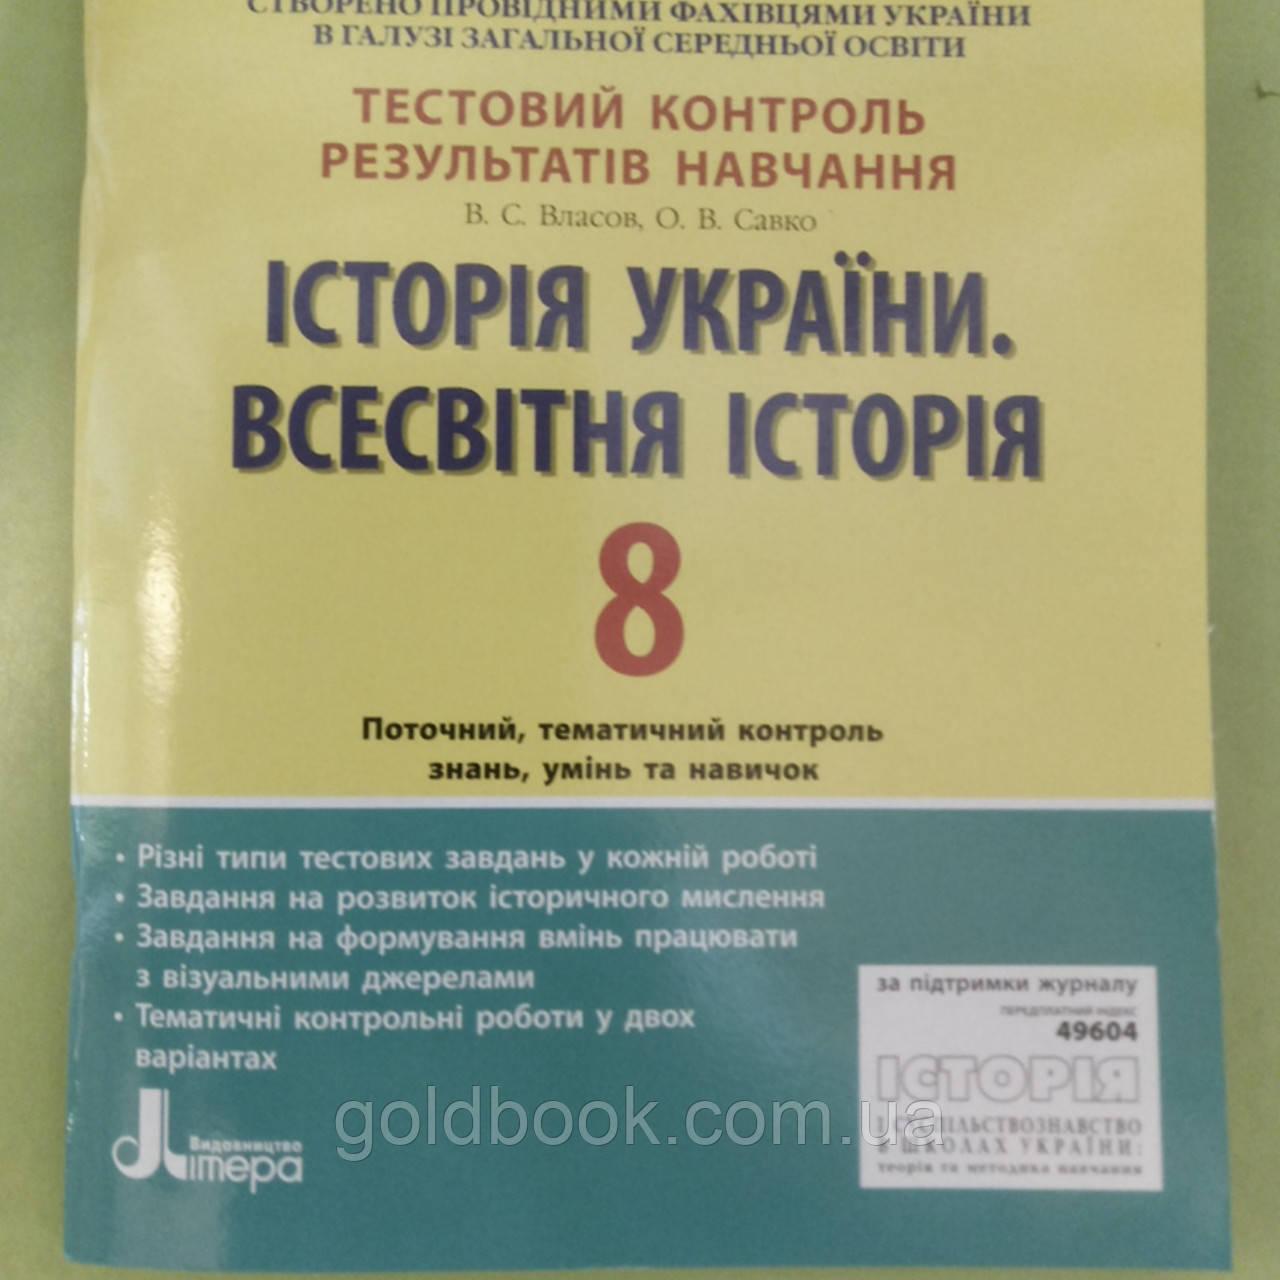 Історія України, Всесвітня історія 8 клас. Тестовий контроль результатів навчання.